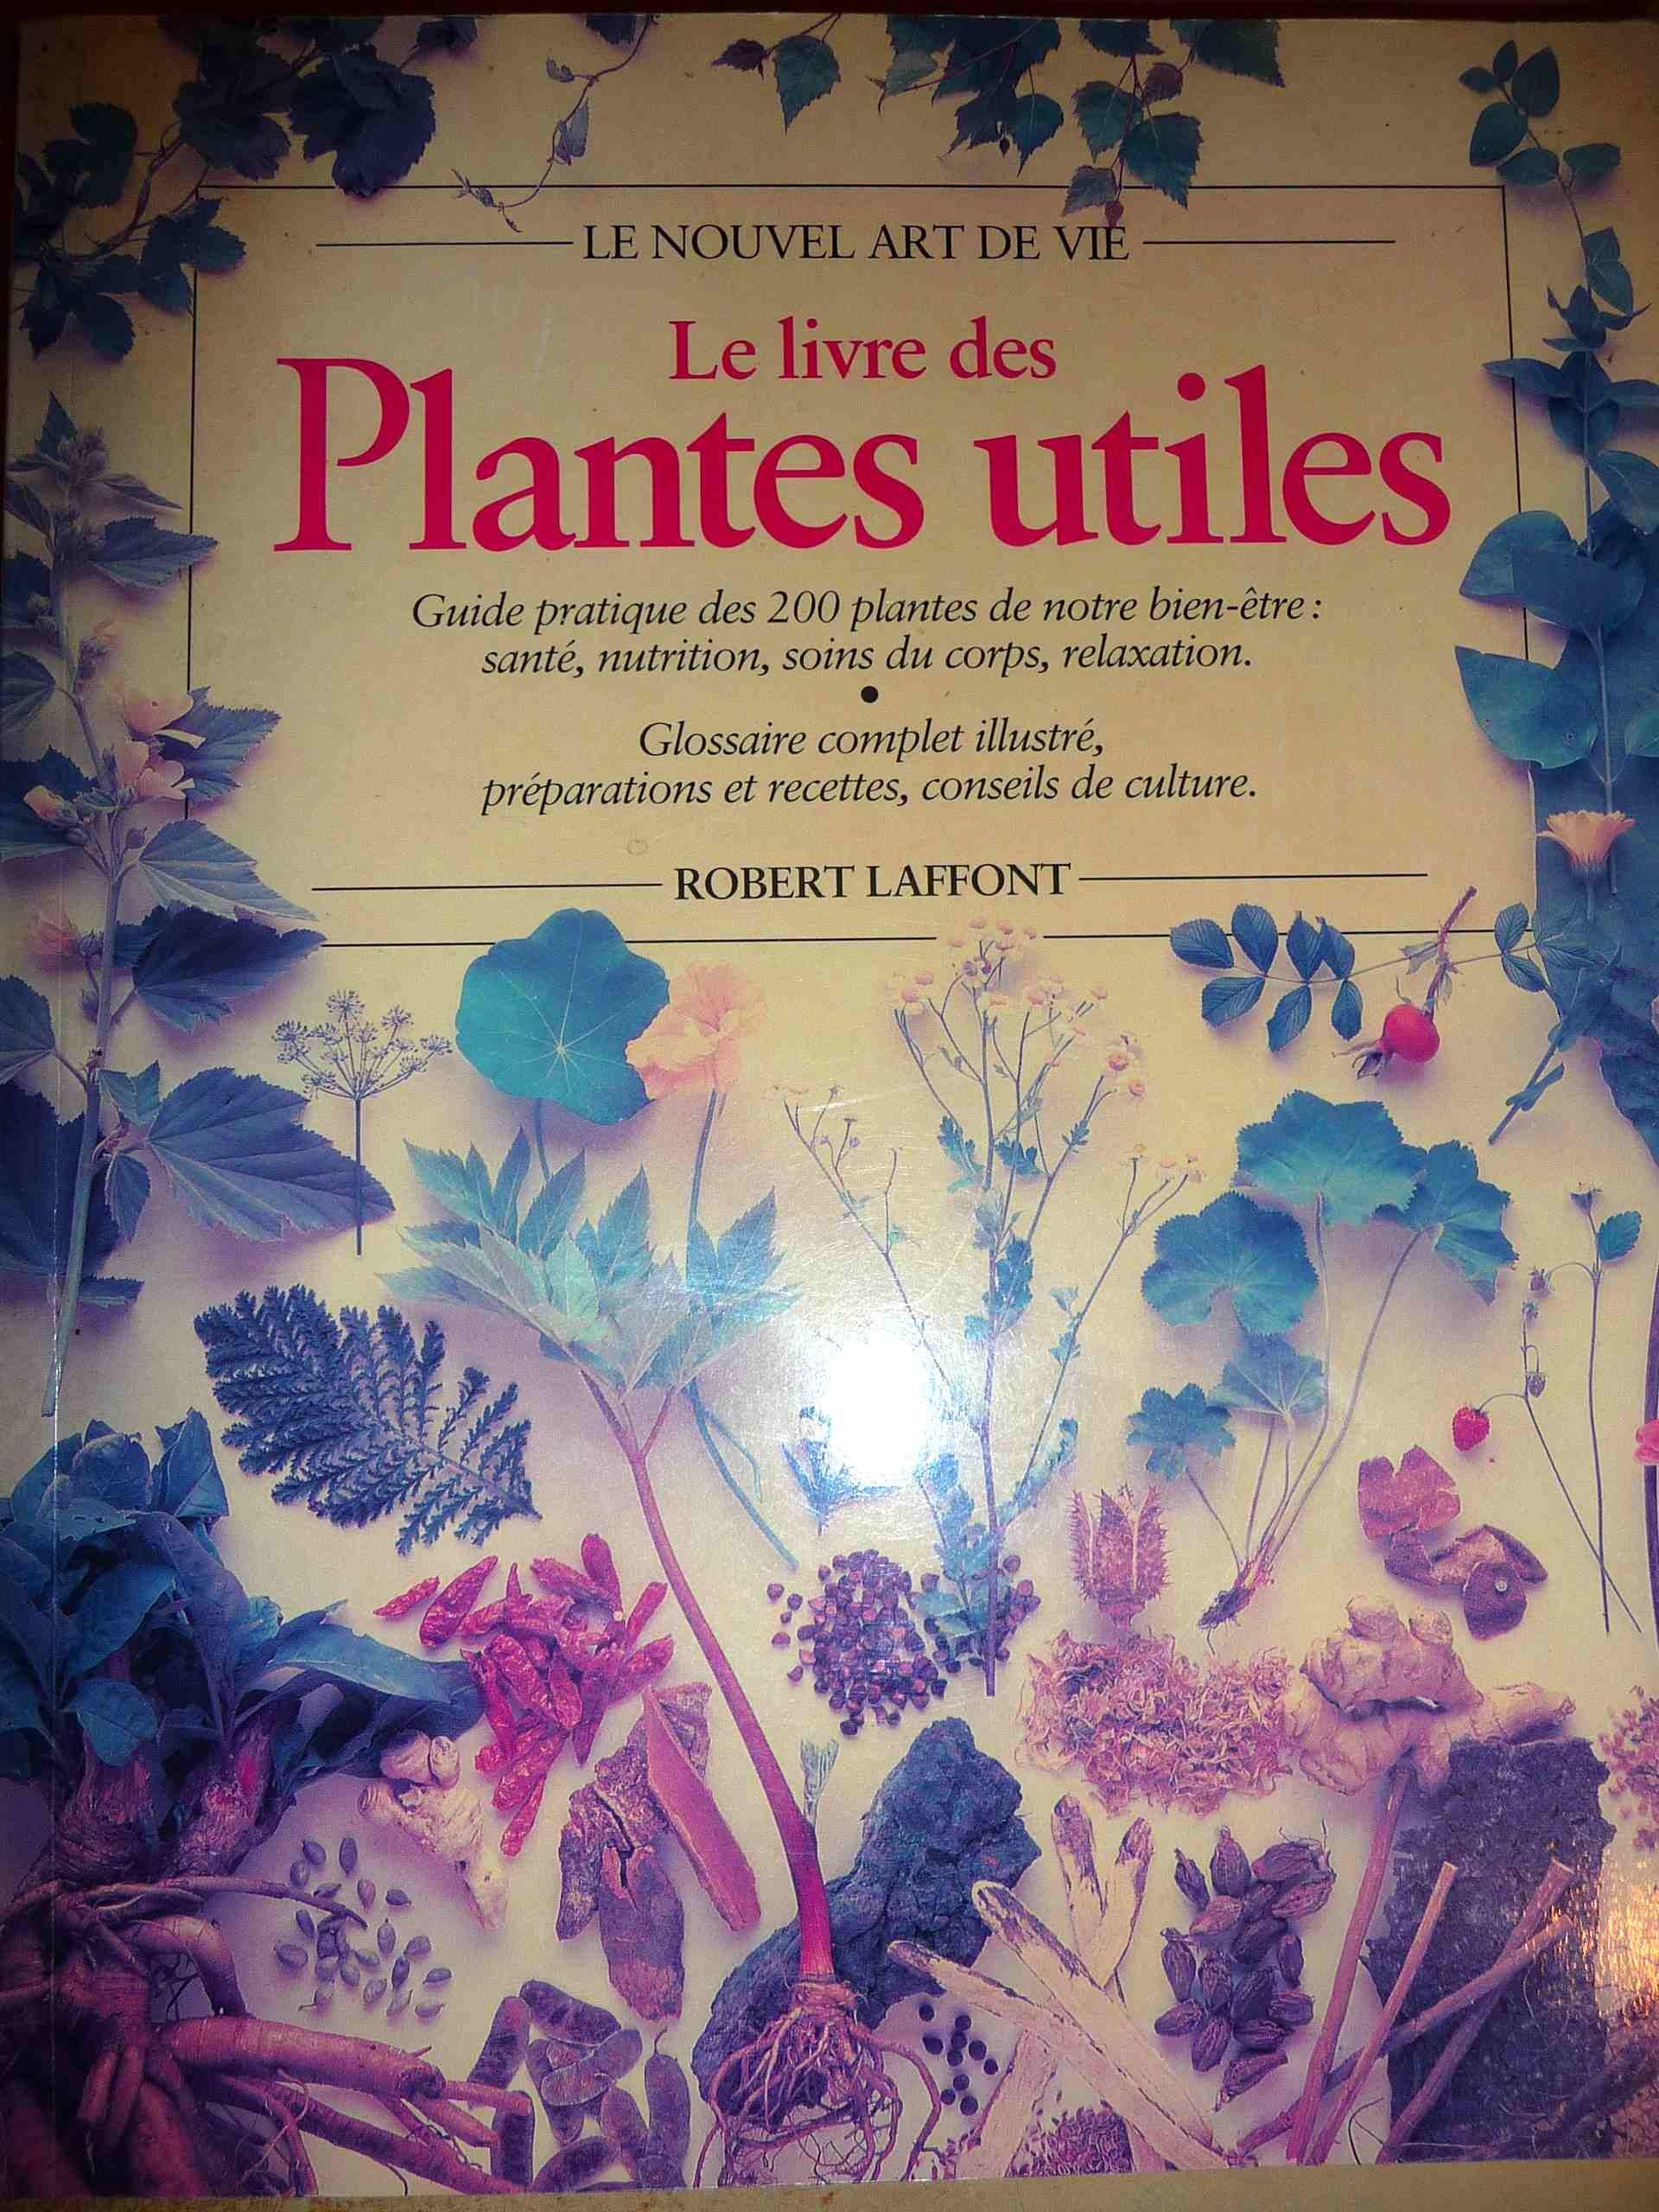 Le livre des plantes utiles